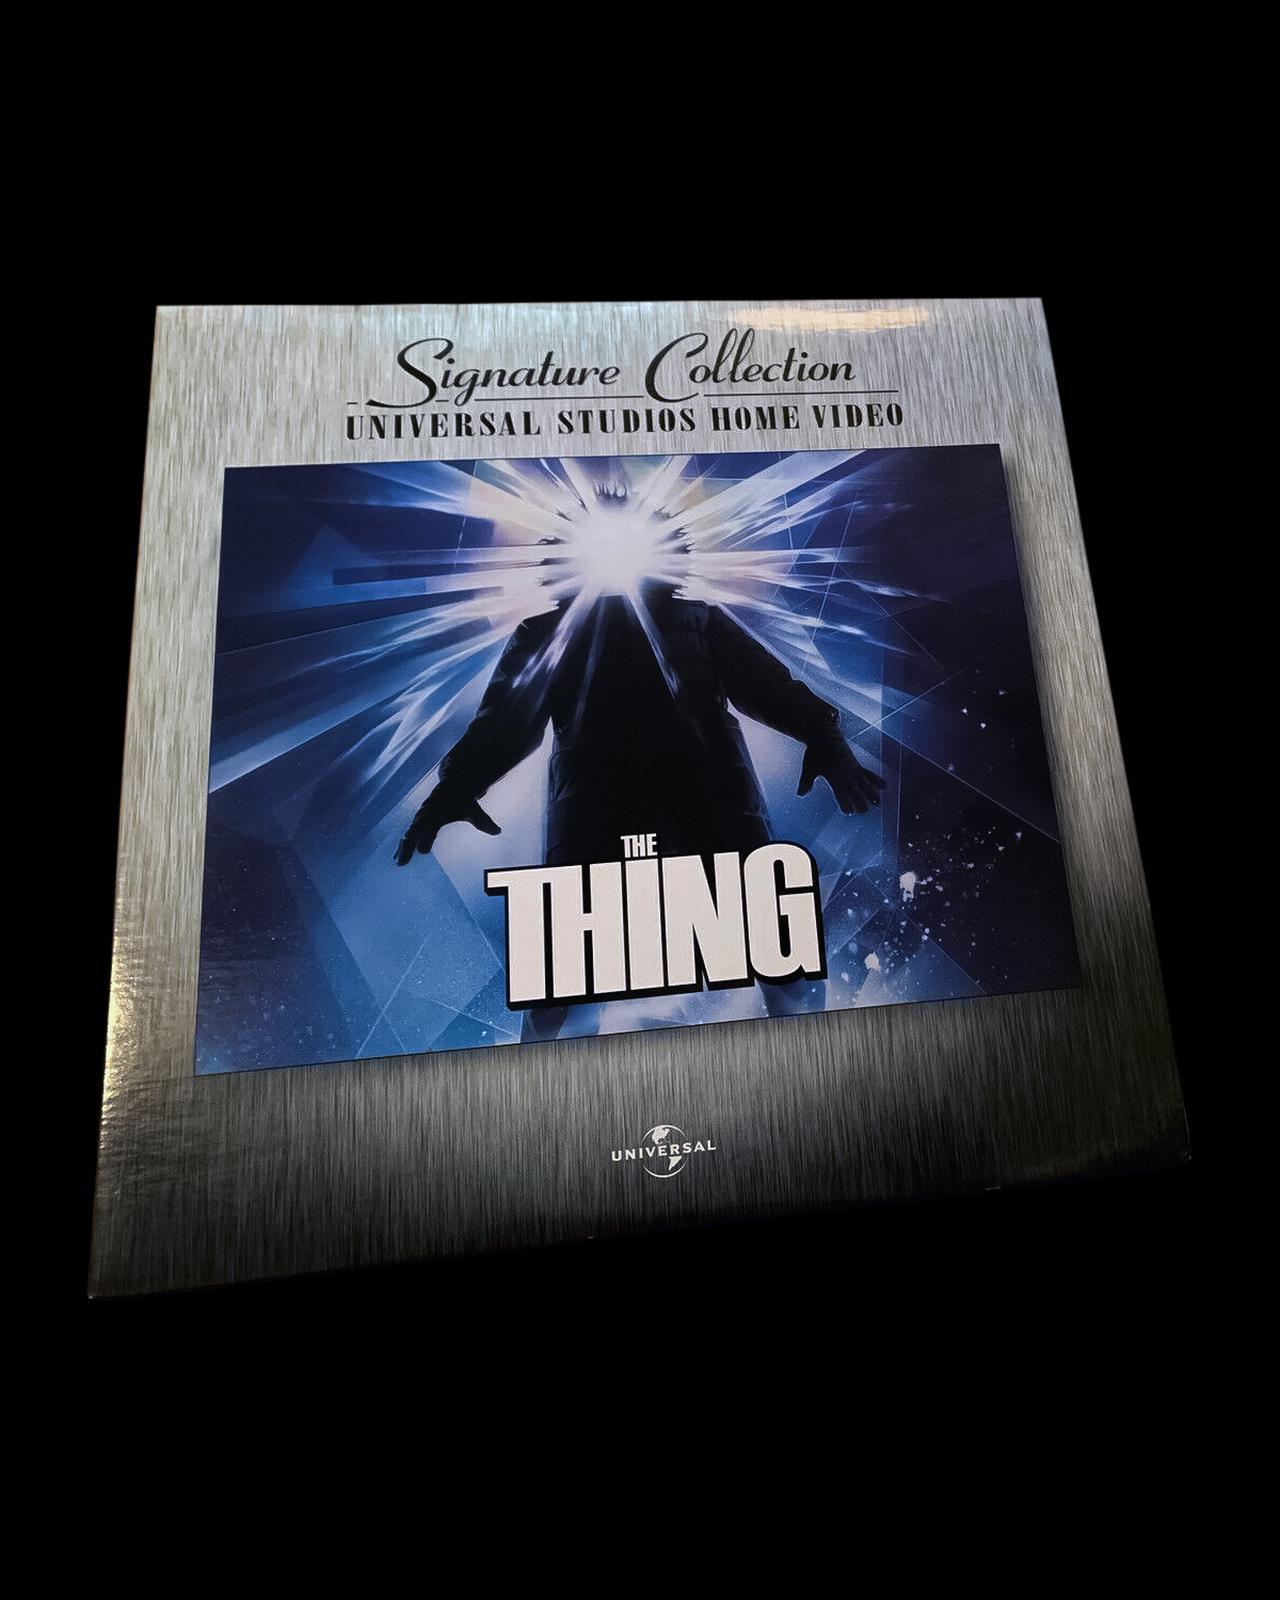 画像: Signature Collection LaserDisc MCA/Universal Home Video